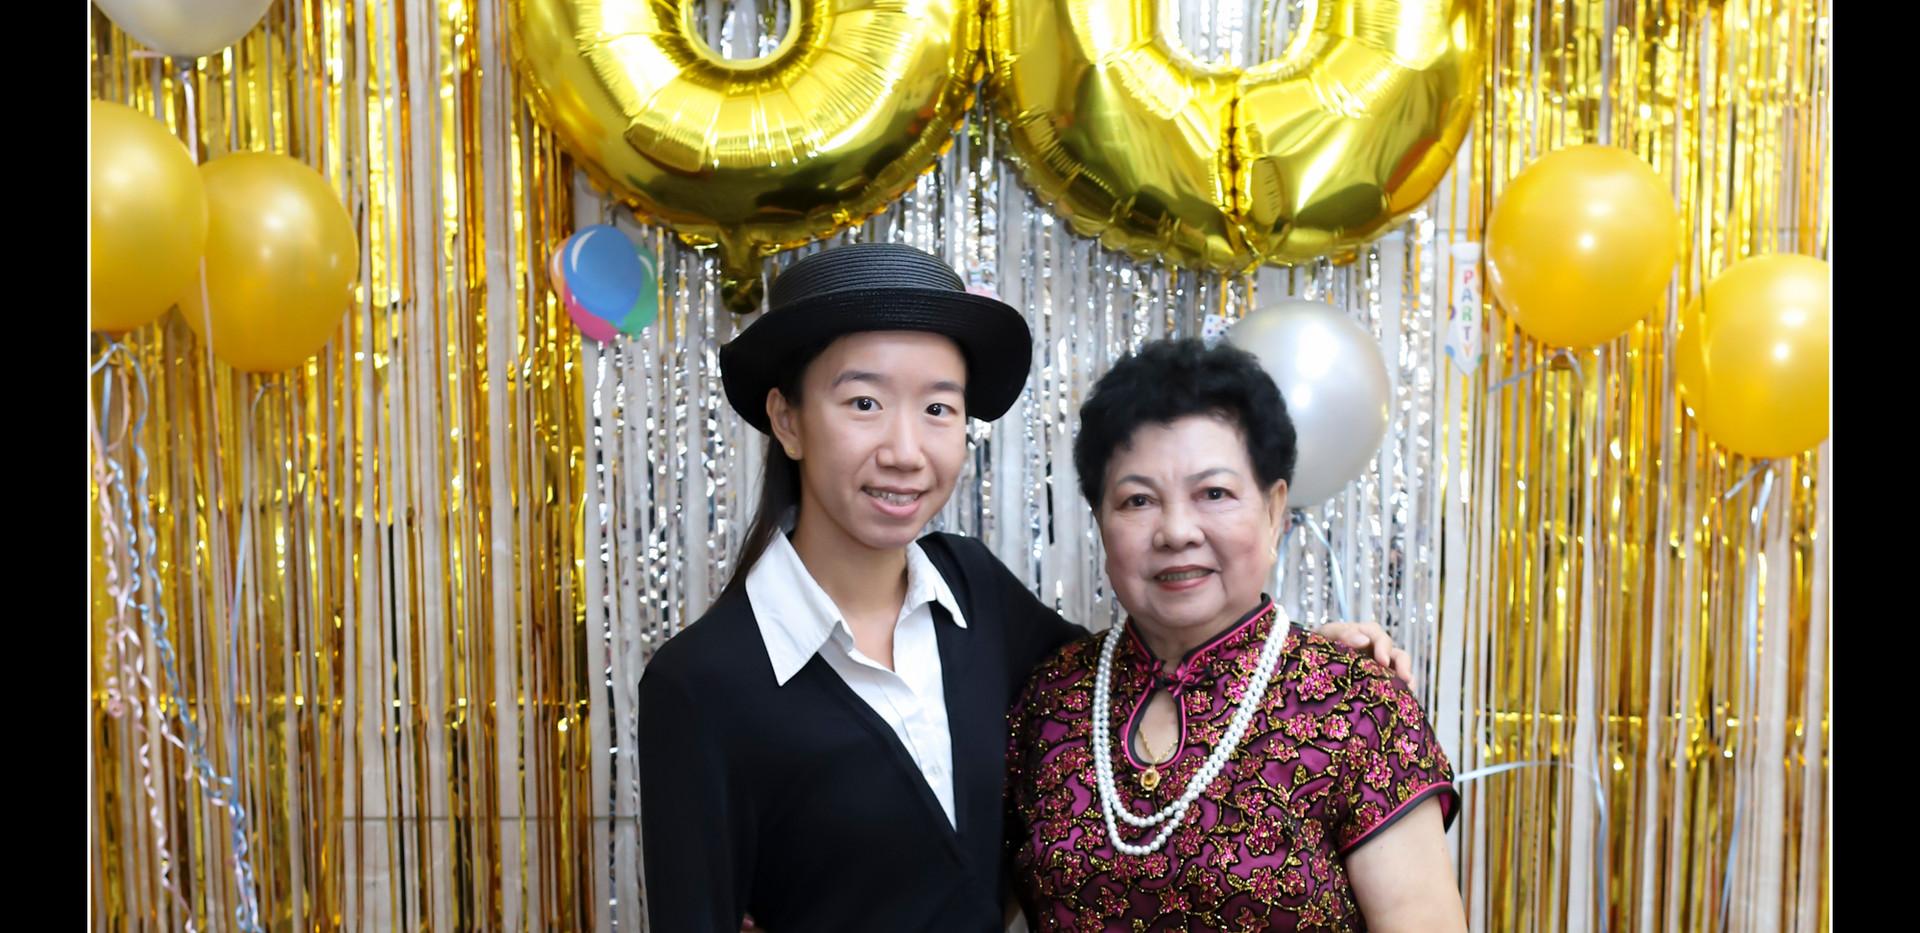 2019_Mdm Chiang 80th Birthday_6D2_0044.j